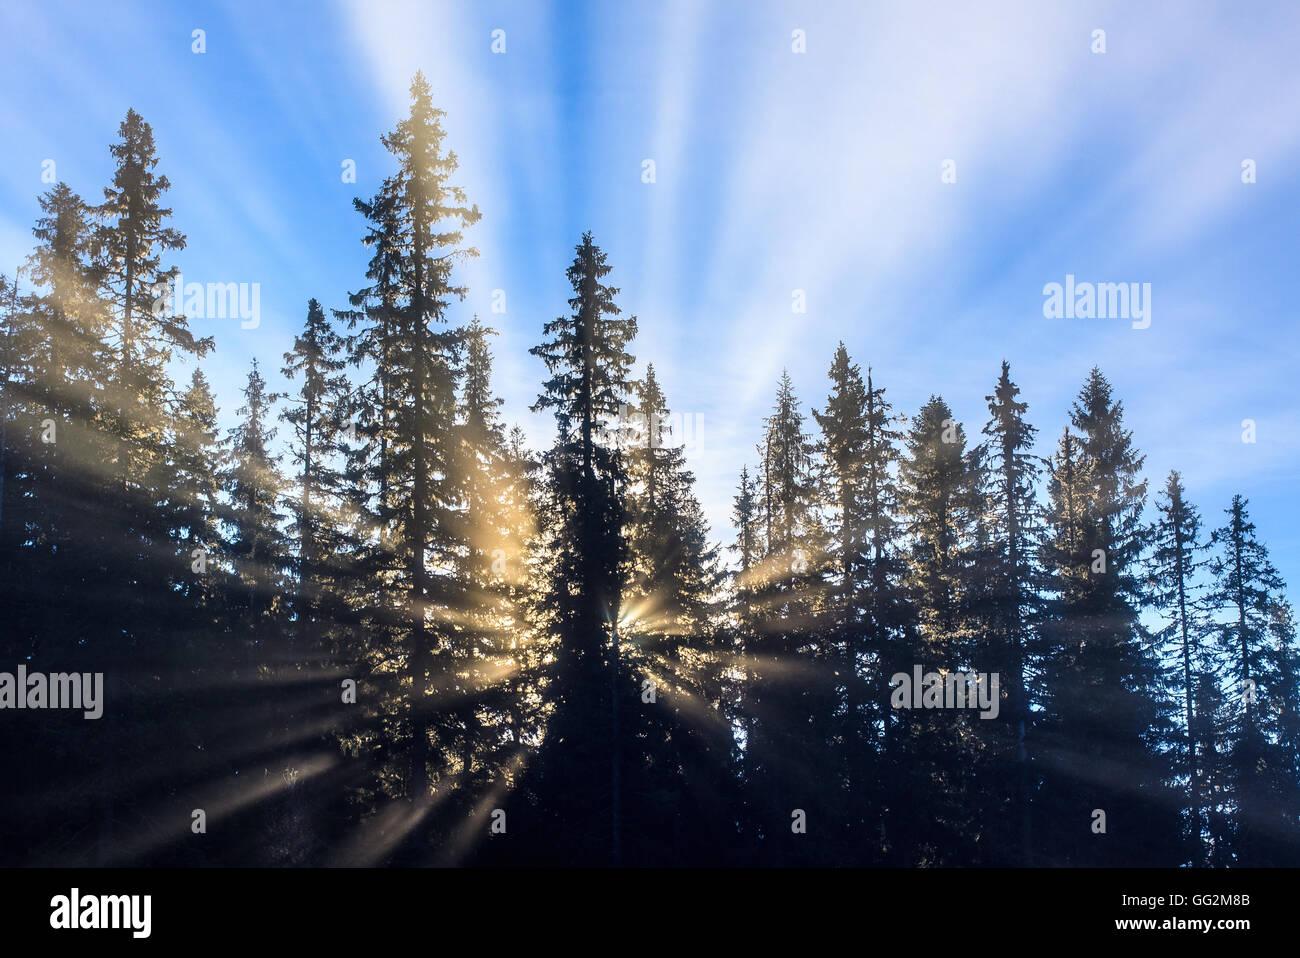 Sun crea raggi di luce attraverso la nebbia di mattina, guardando come un esplosione dietro gli alberi. Immagini Stock